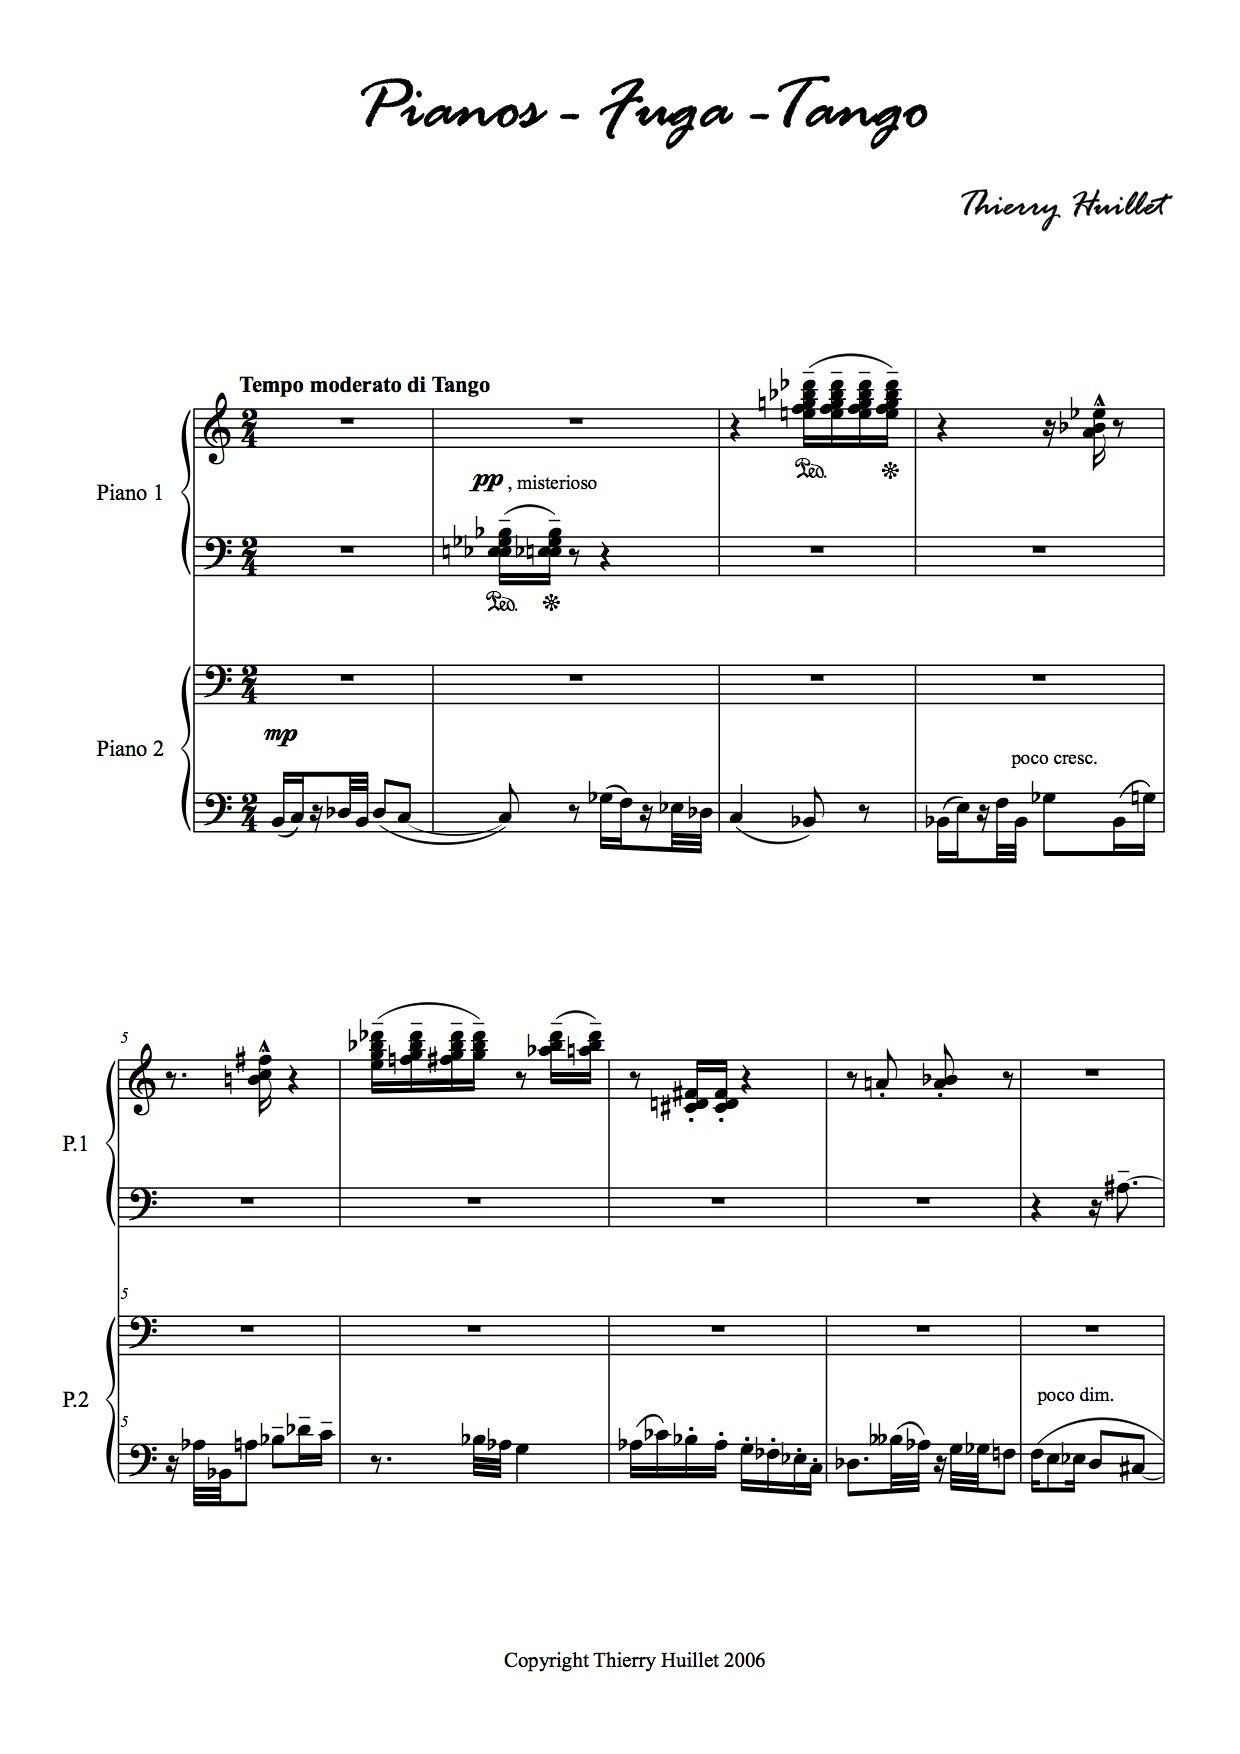 Thierryhuillet Pianosfugatango2